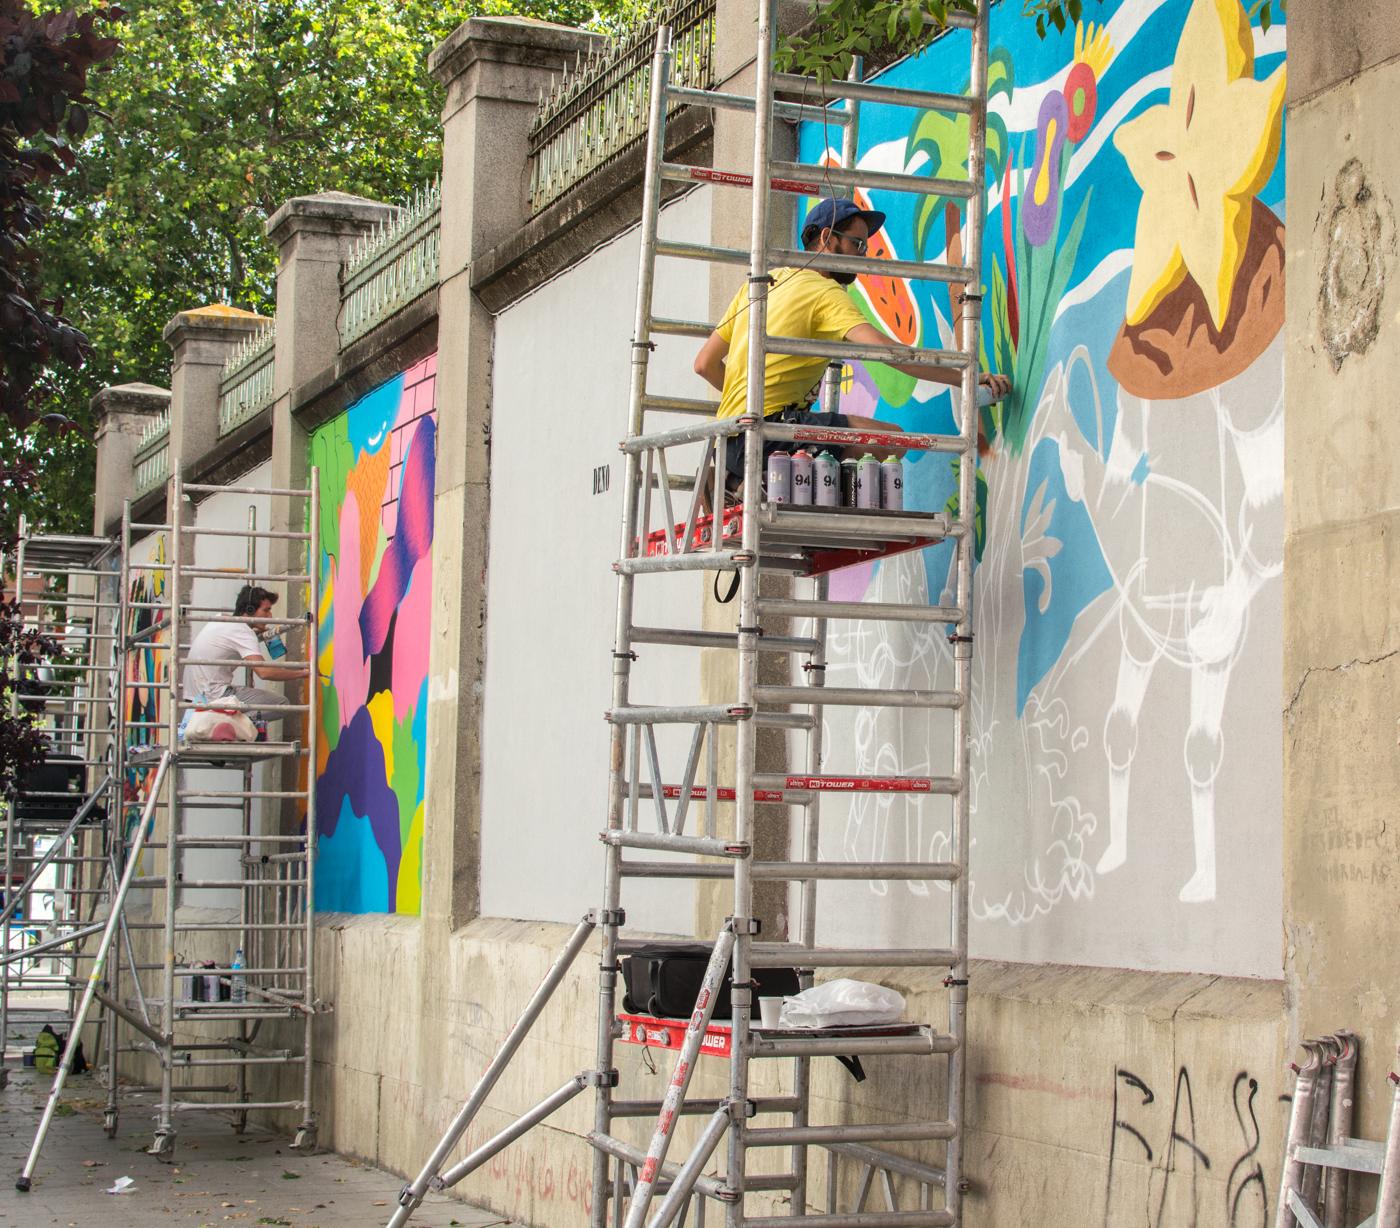 Koctel - MurosTabacalera by Guillermo de la Madrid - Madrid Street Art Project -01.jpg